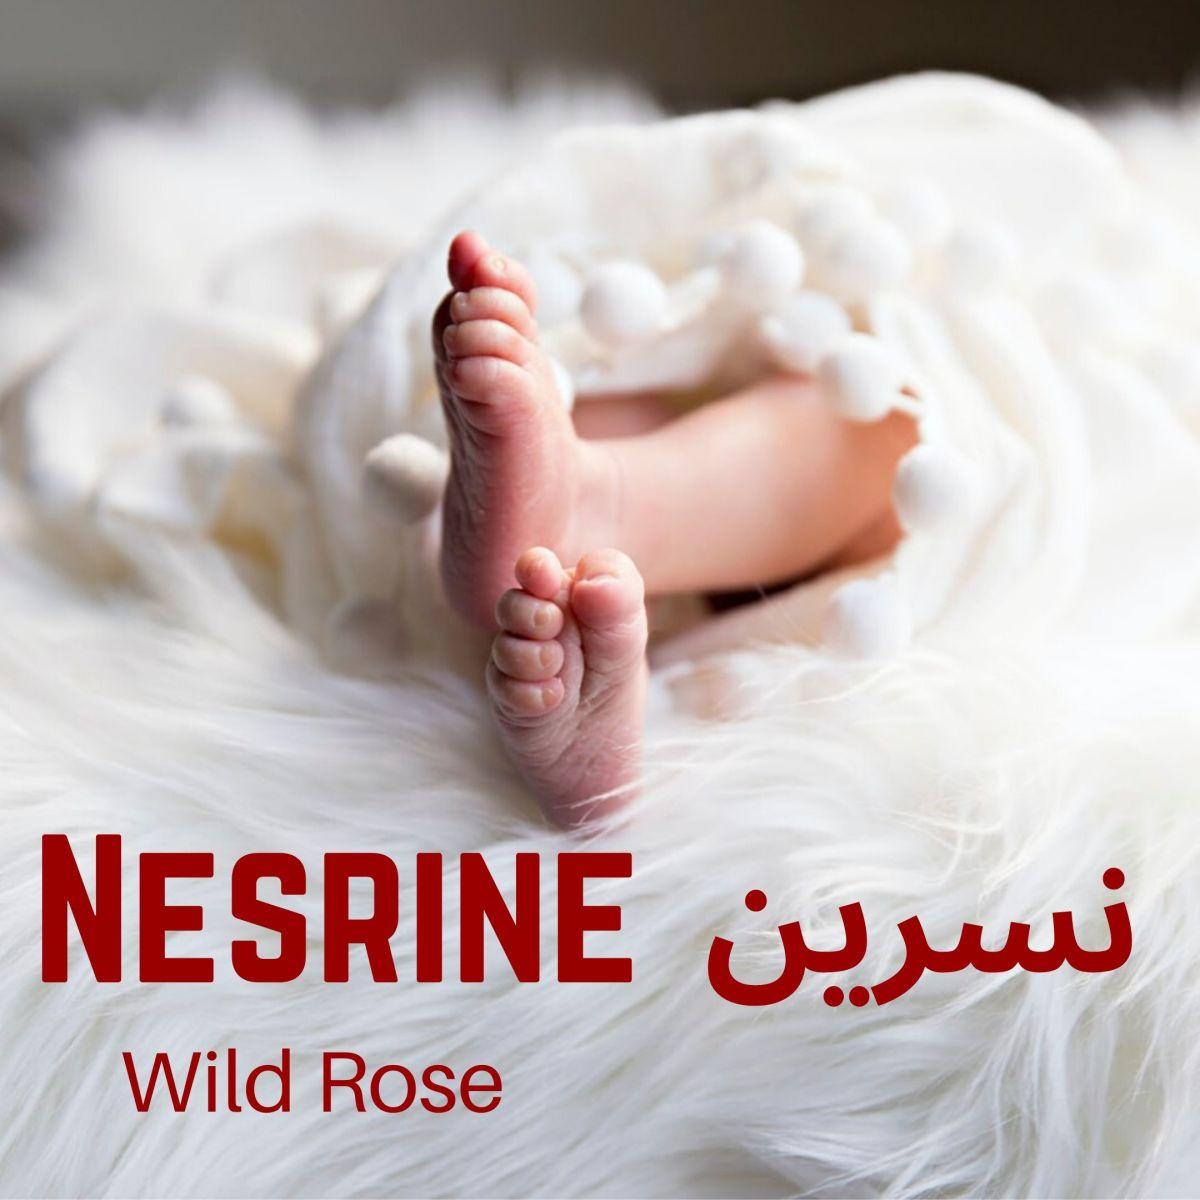 Nesrine is a beautiful girl's name in Arabic.